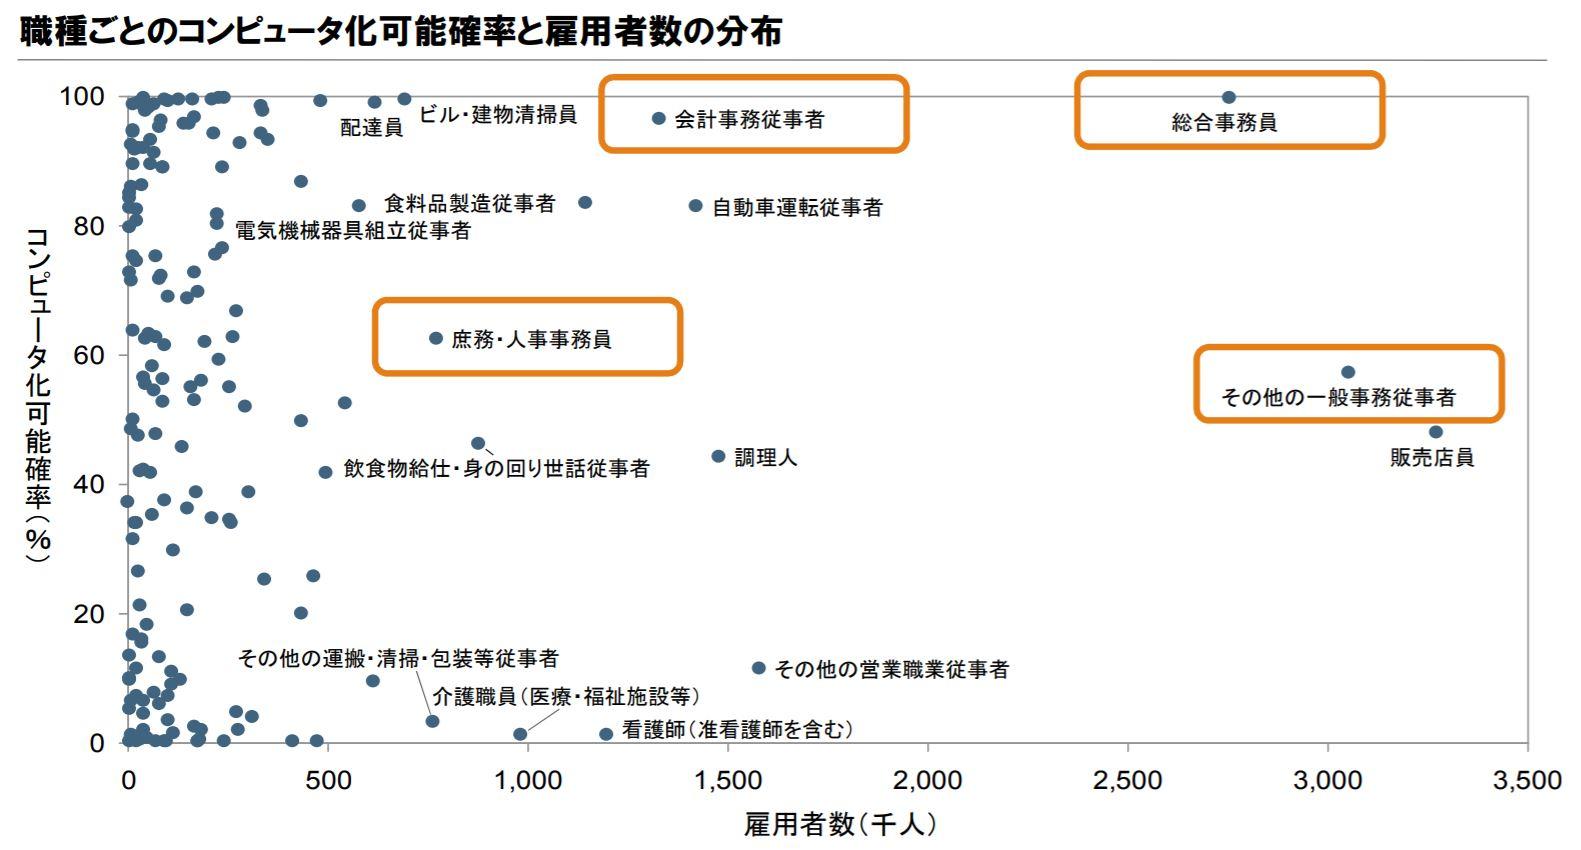 職種ごとのコンピュータ化可能確率と雇用者数分布